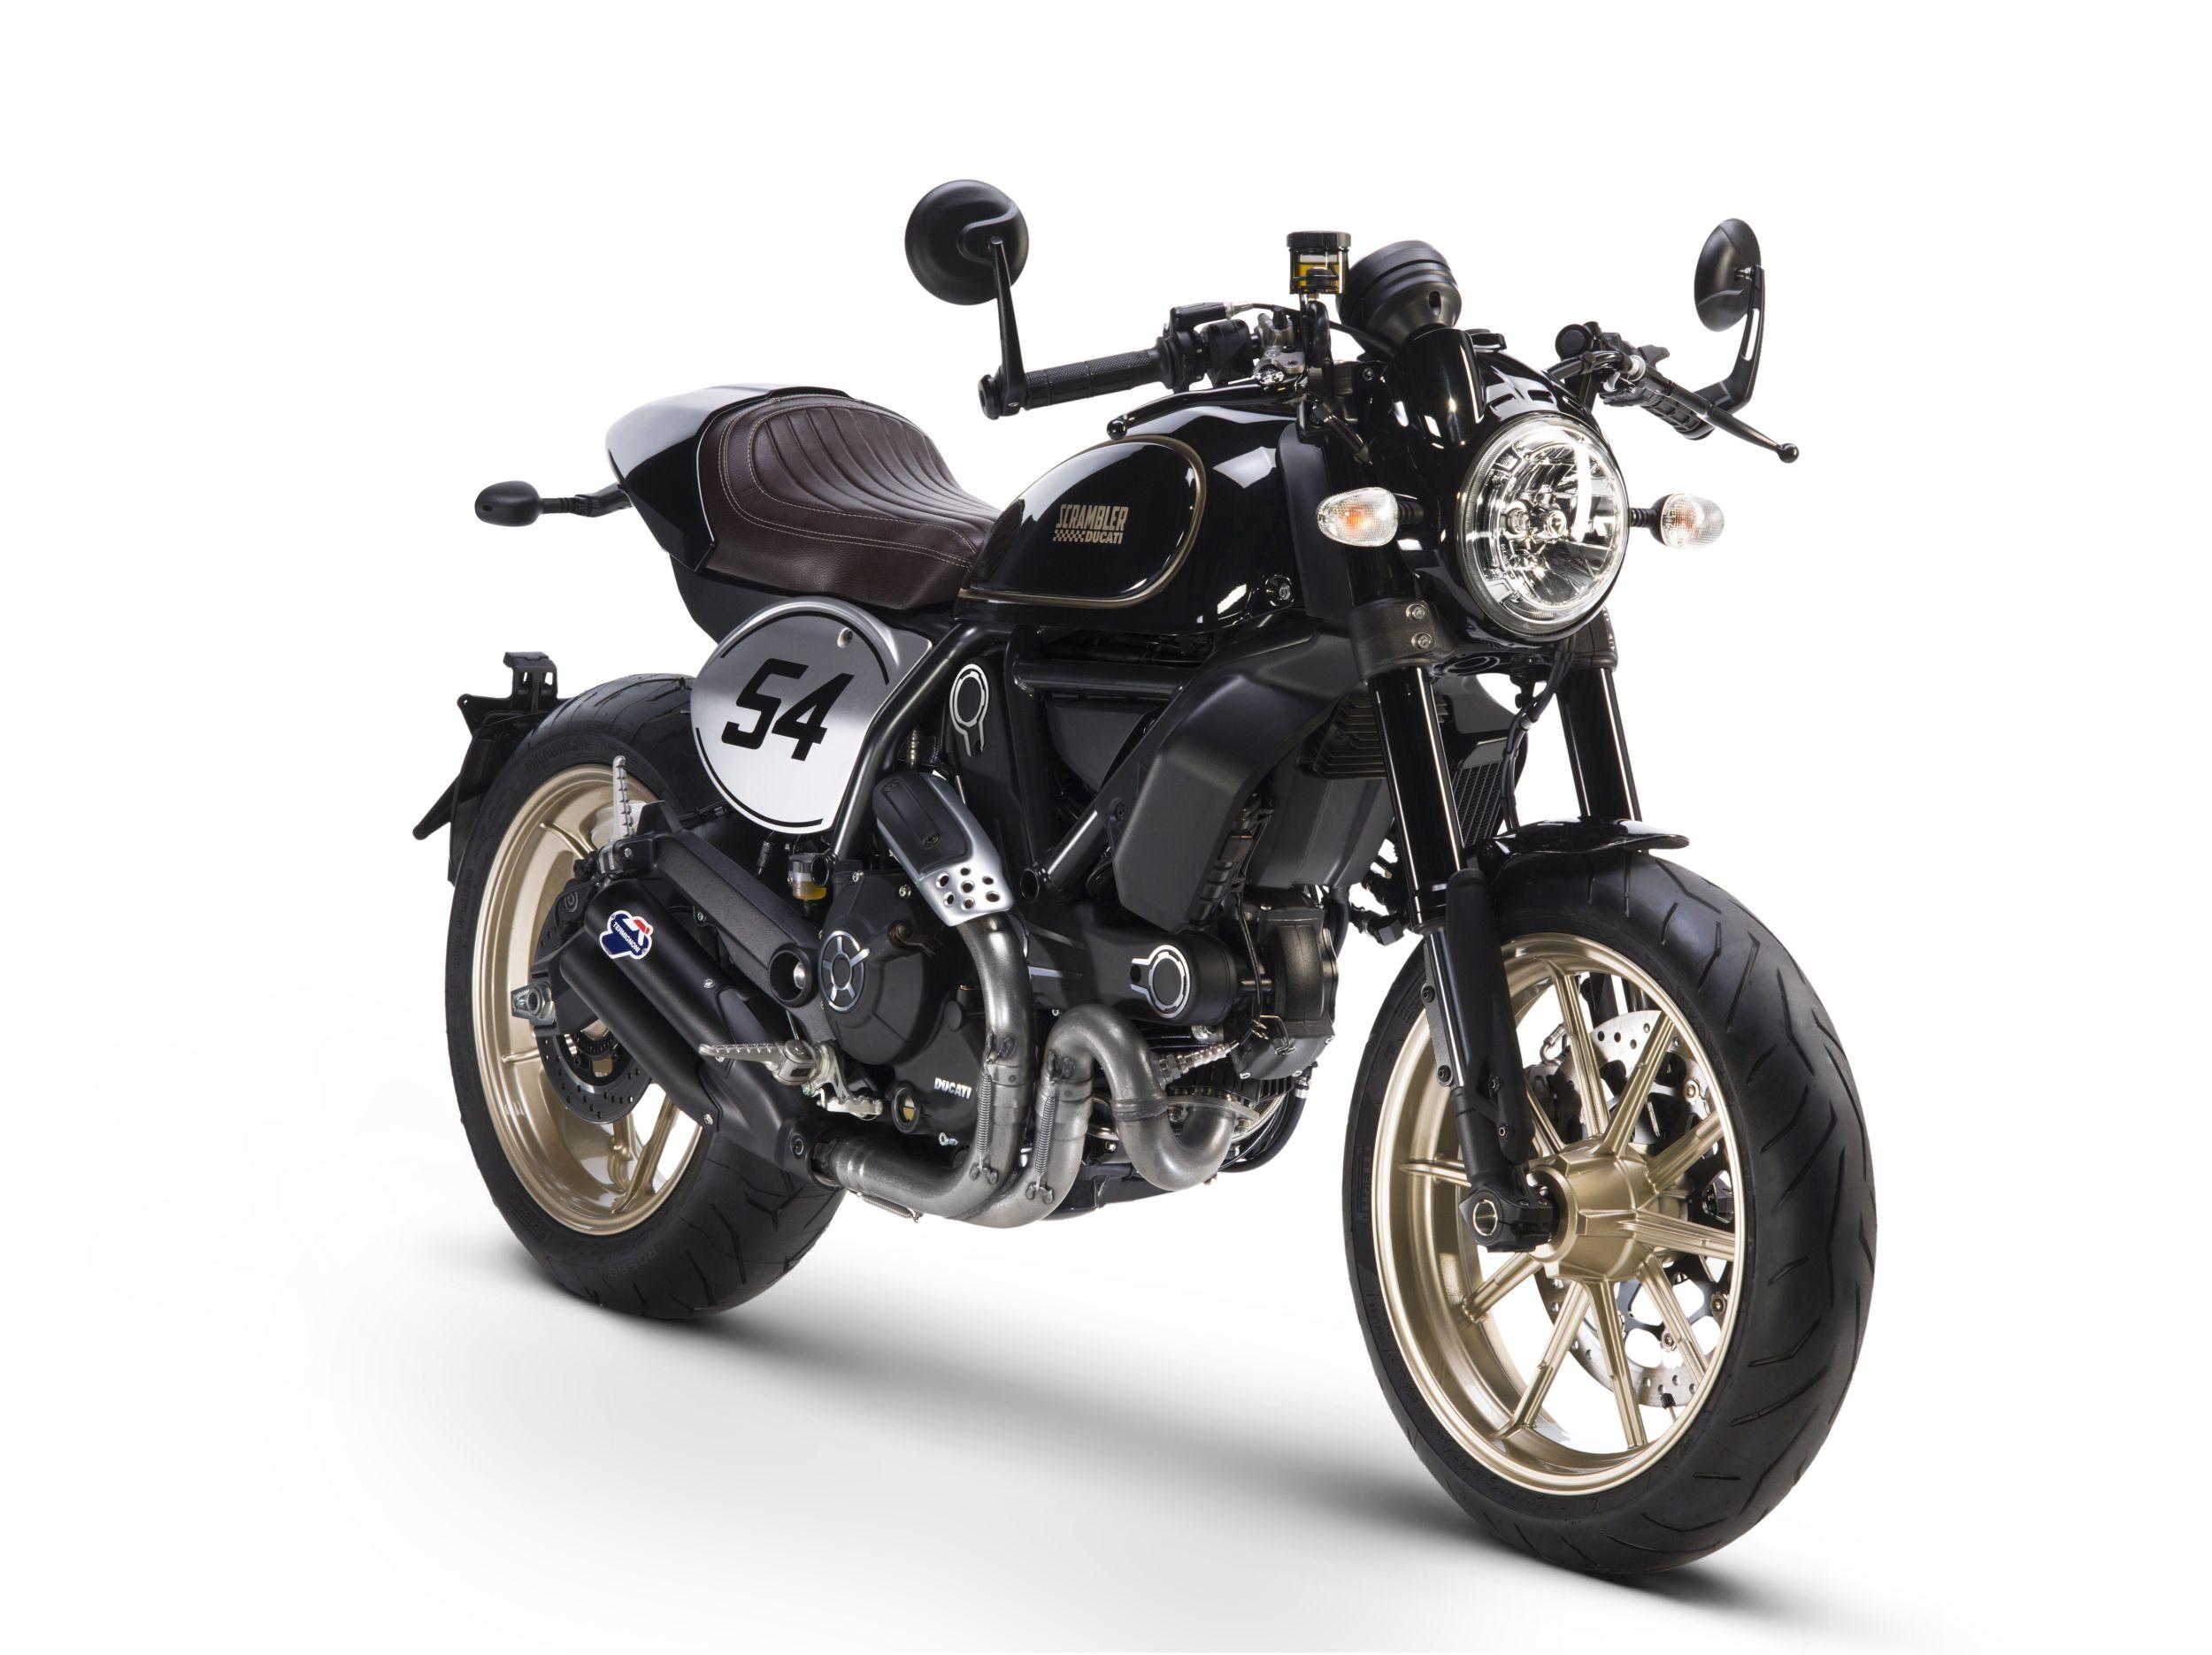 gebrauchte ducati scrambler cafe racer motorräder kaufen